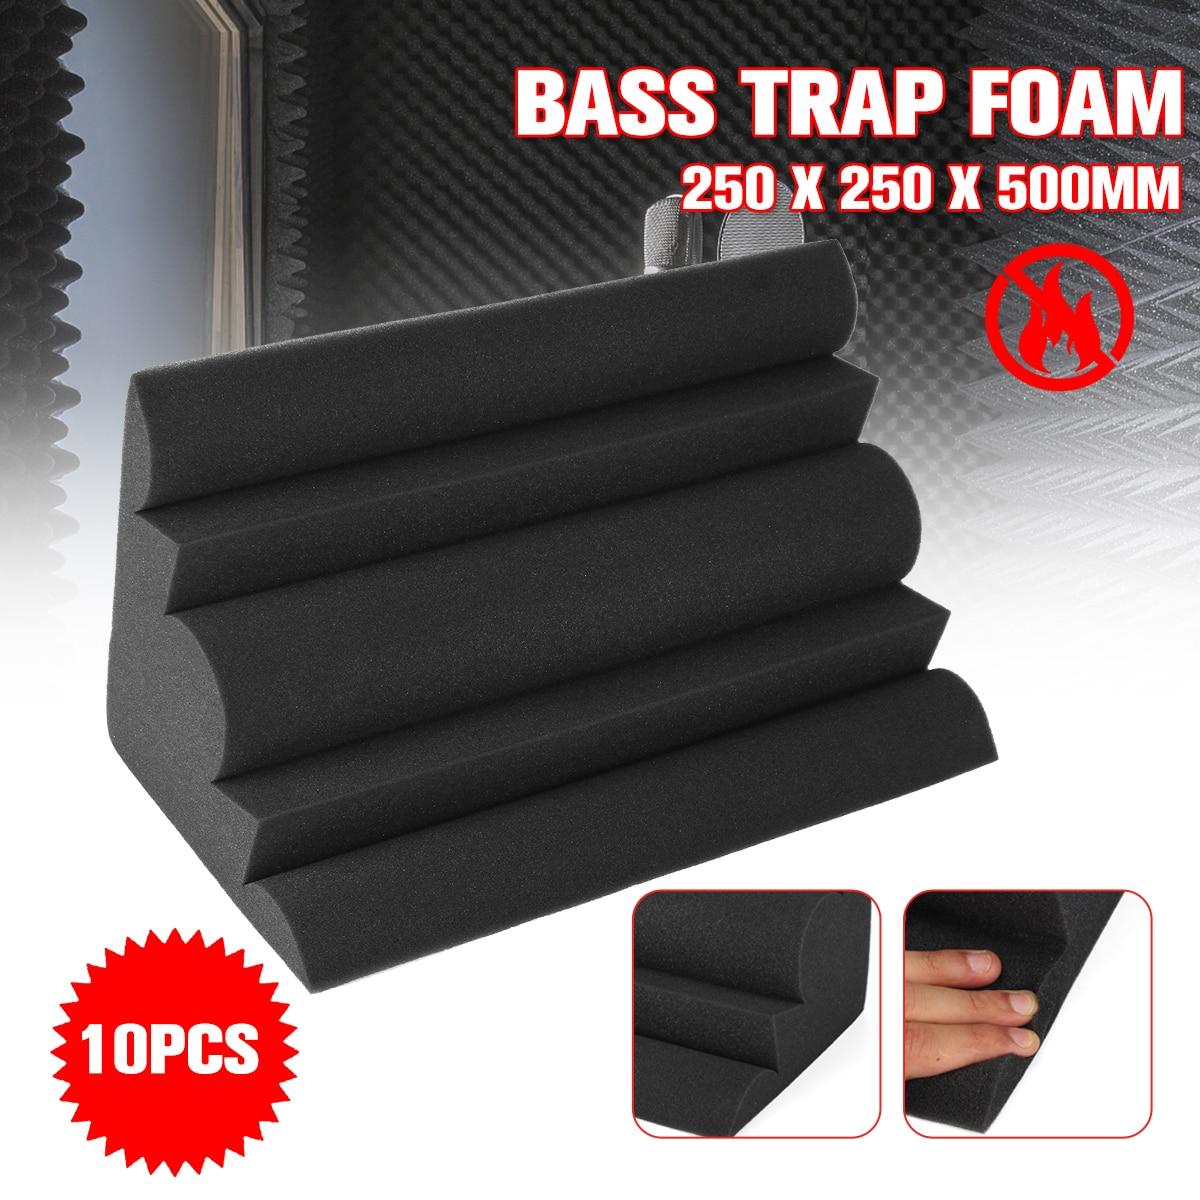 10 stücke 250x250x500mm Akustische Bass Falle Akustische Schaum Für Ecke Wand Schalldichte Schwamm Studio Zimmer absorption Keil Fliesen Schaum